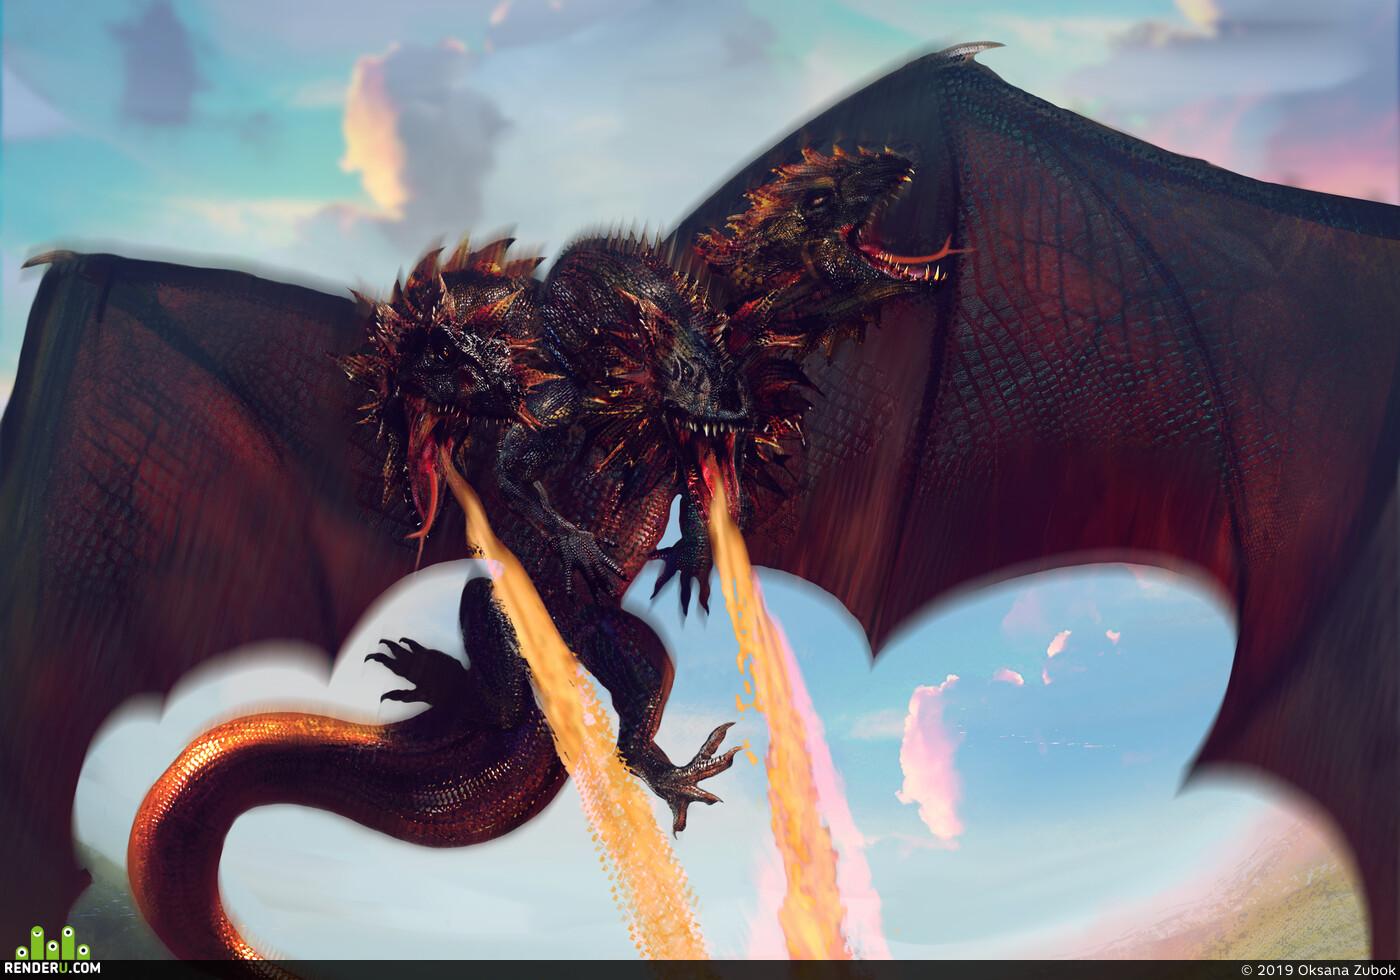 дракон, сражение, битва, Смертельная битва, Пламя, огонь